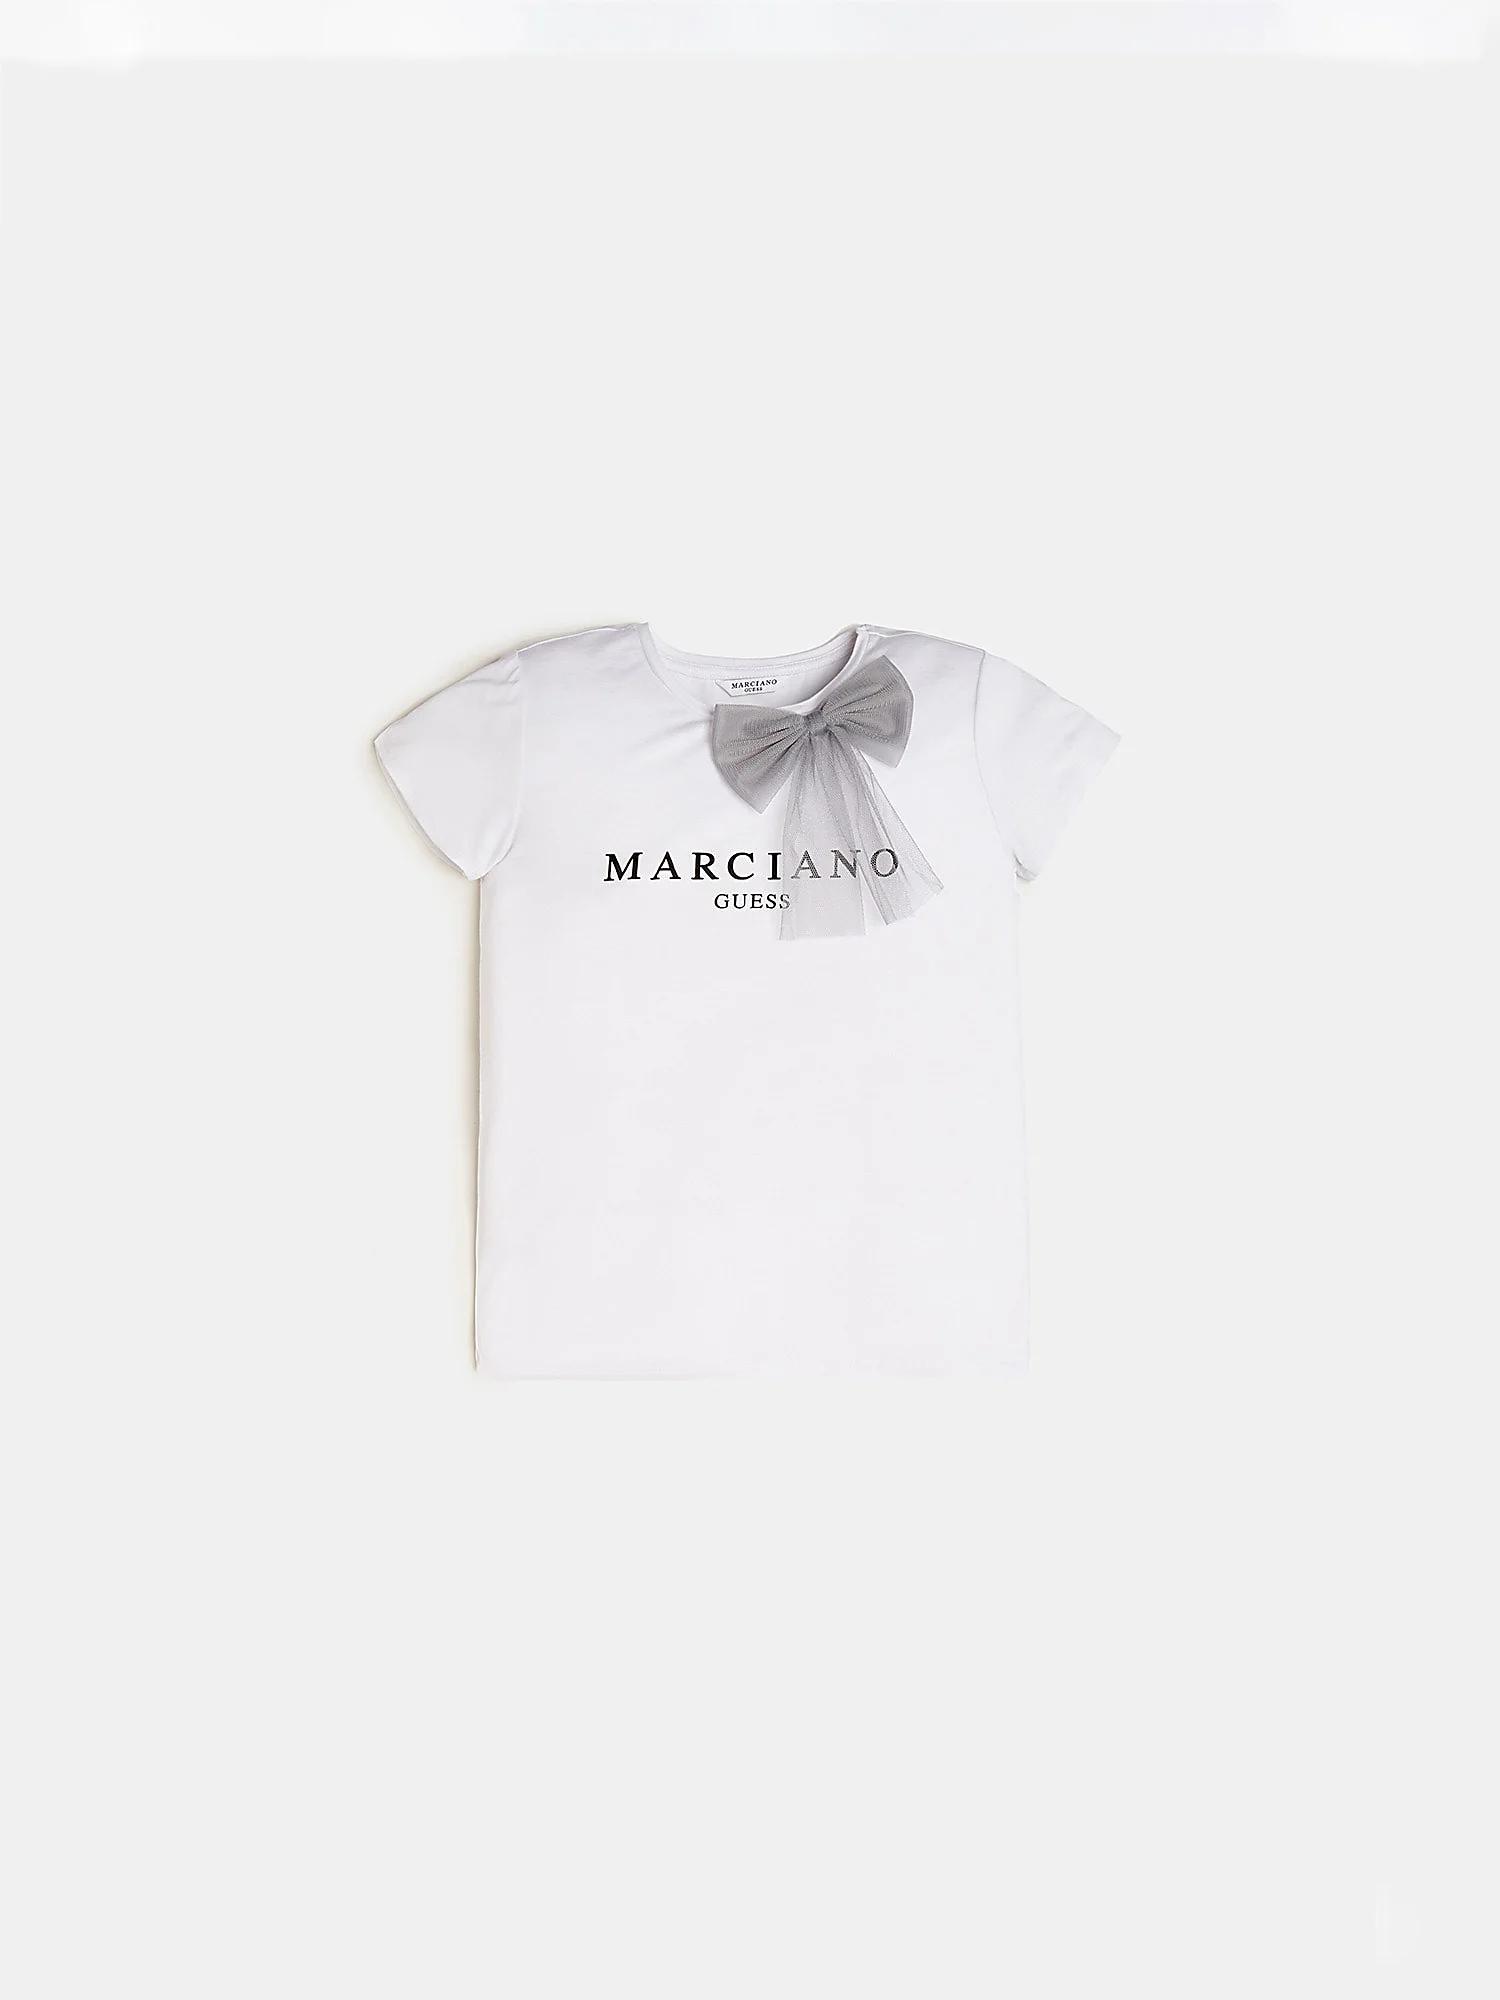 T-SHIRT GUESS GUESS-MARCIANO | T-shirt m/m | J0YI37K83C0TWHT